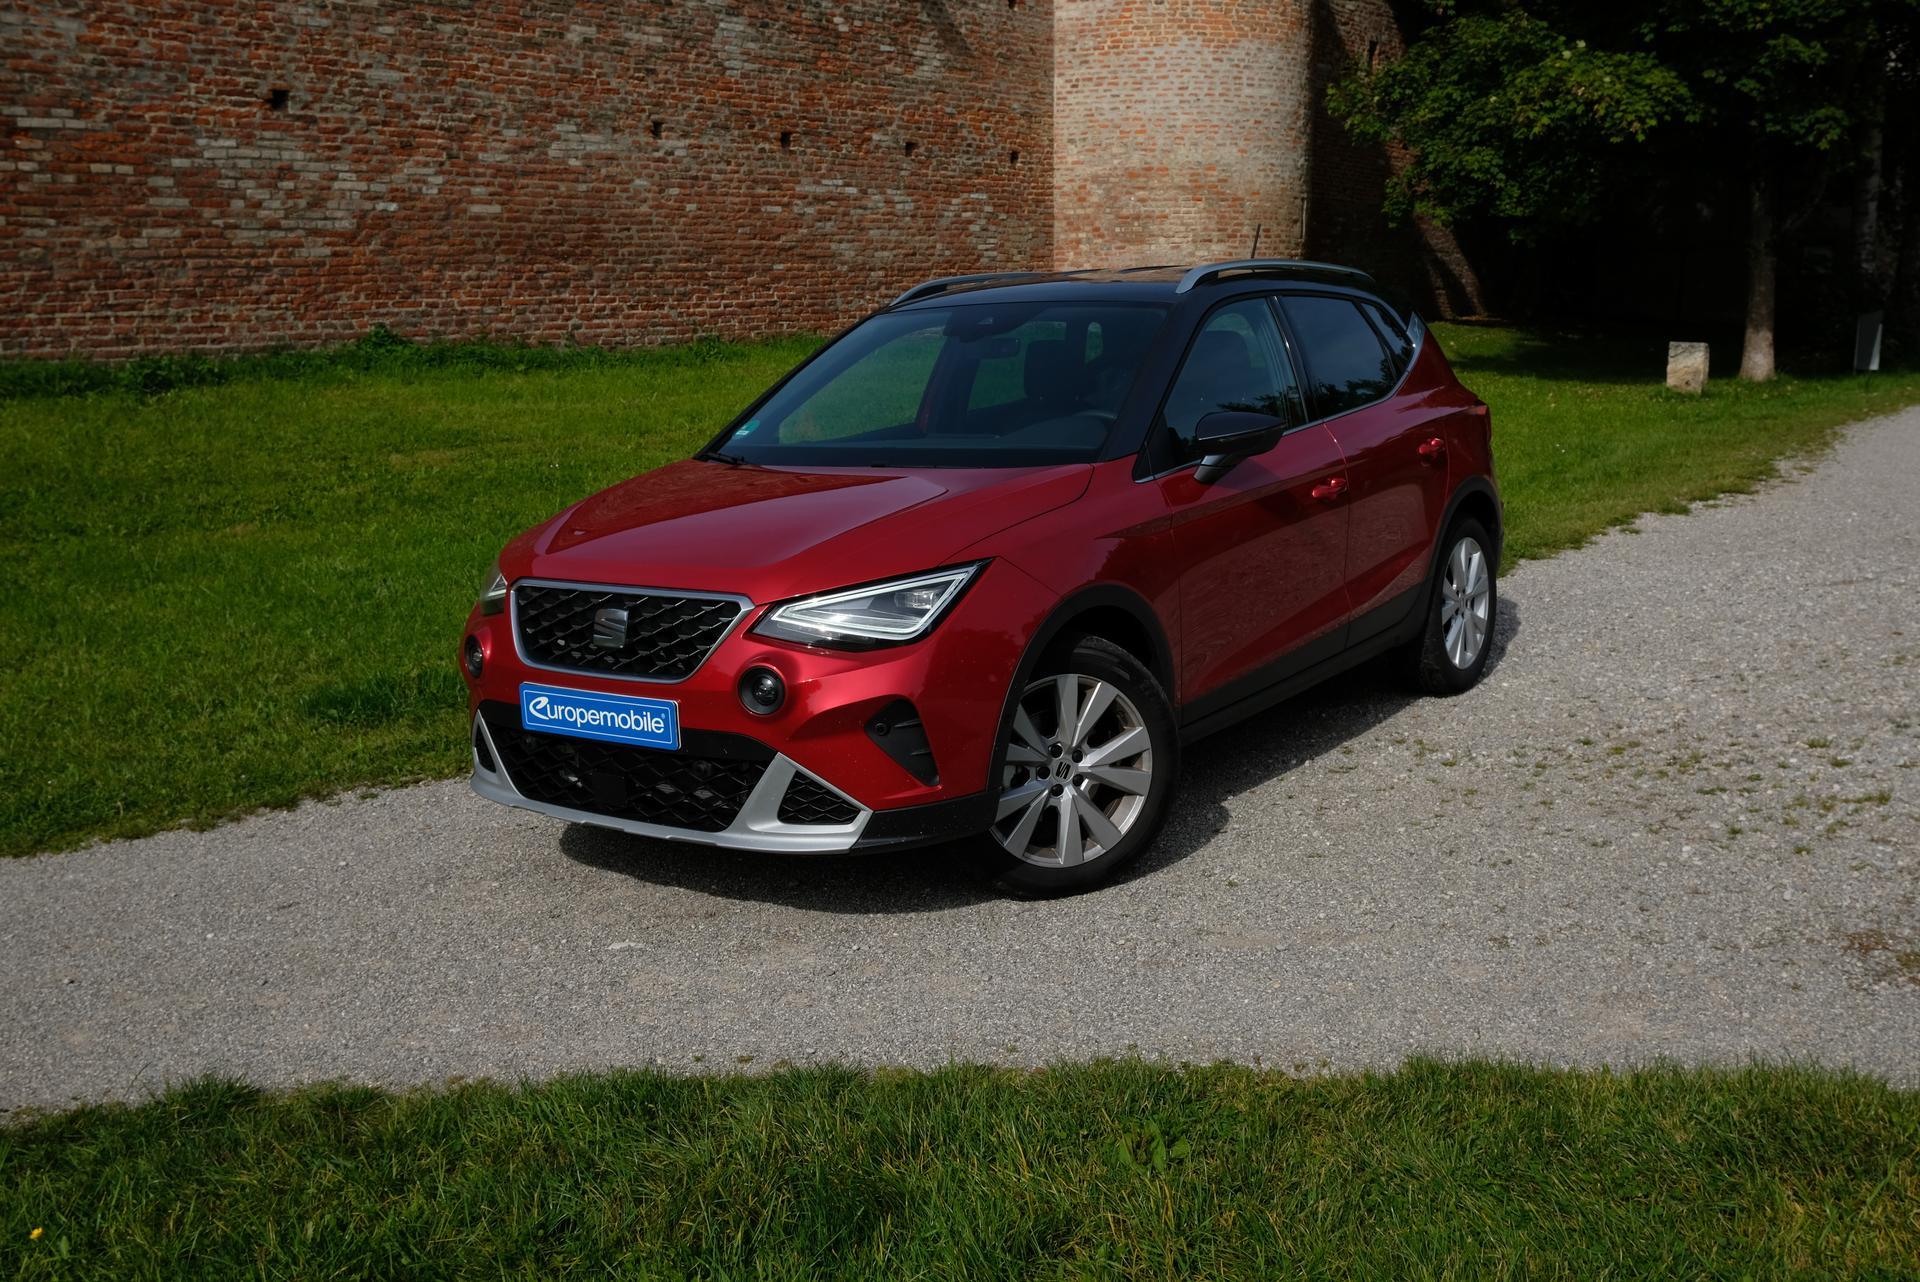 Facelift: SEAT Arona 1.0 TGI in Farbe Rot